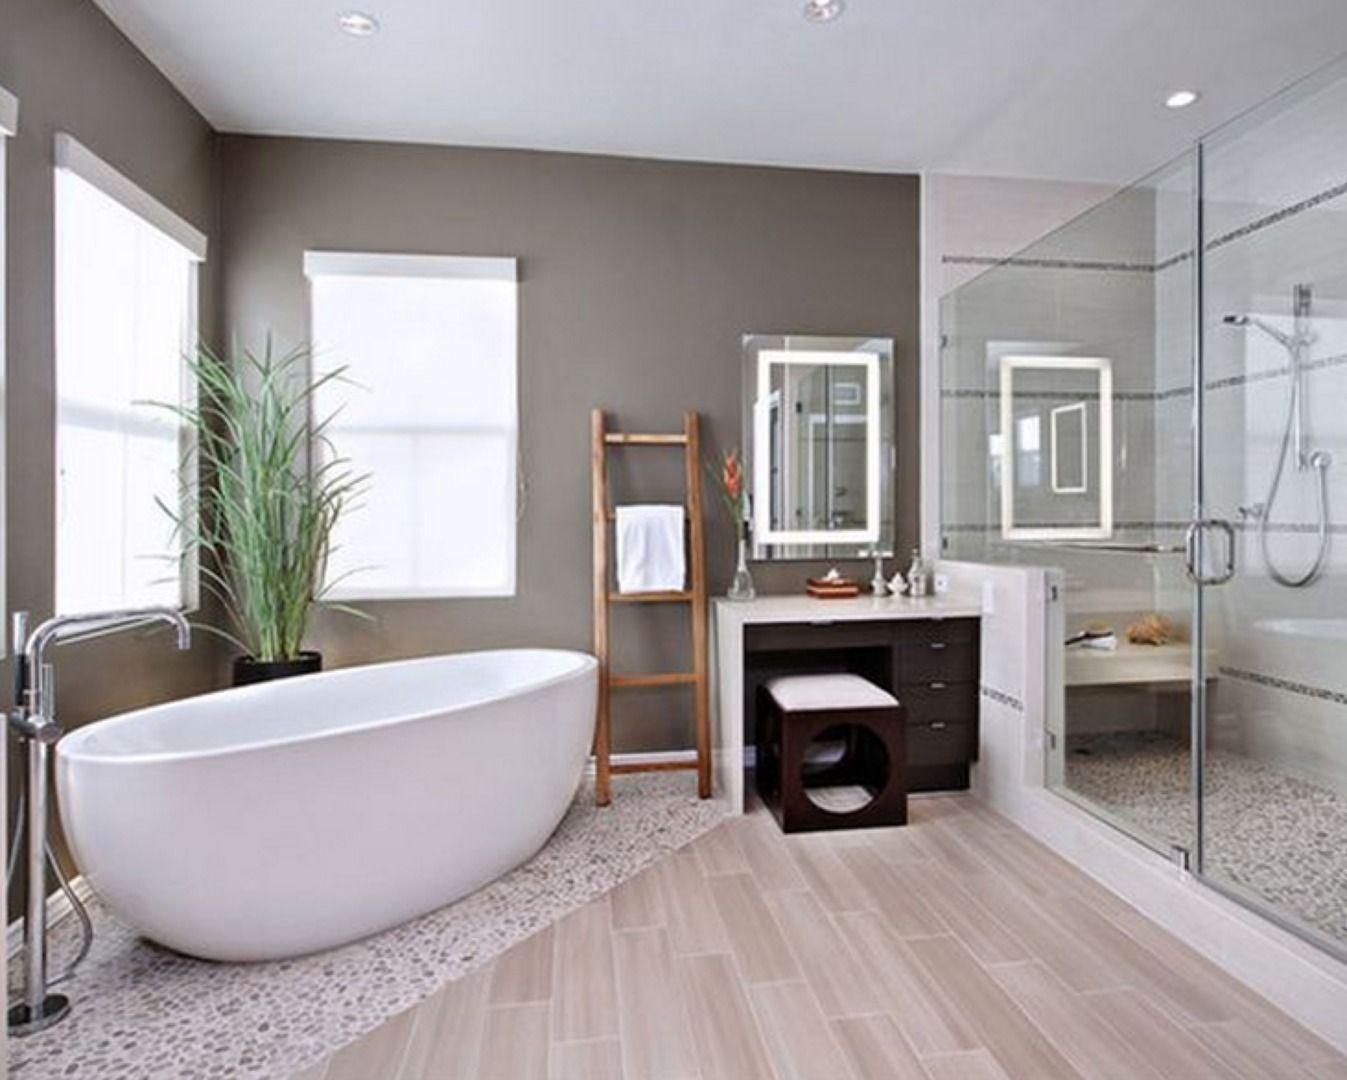 Ristrutturare Bagno Casa In Affitto : Ristrutturazione bagno bagno